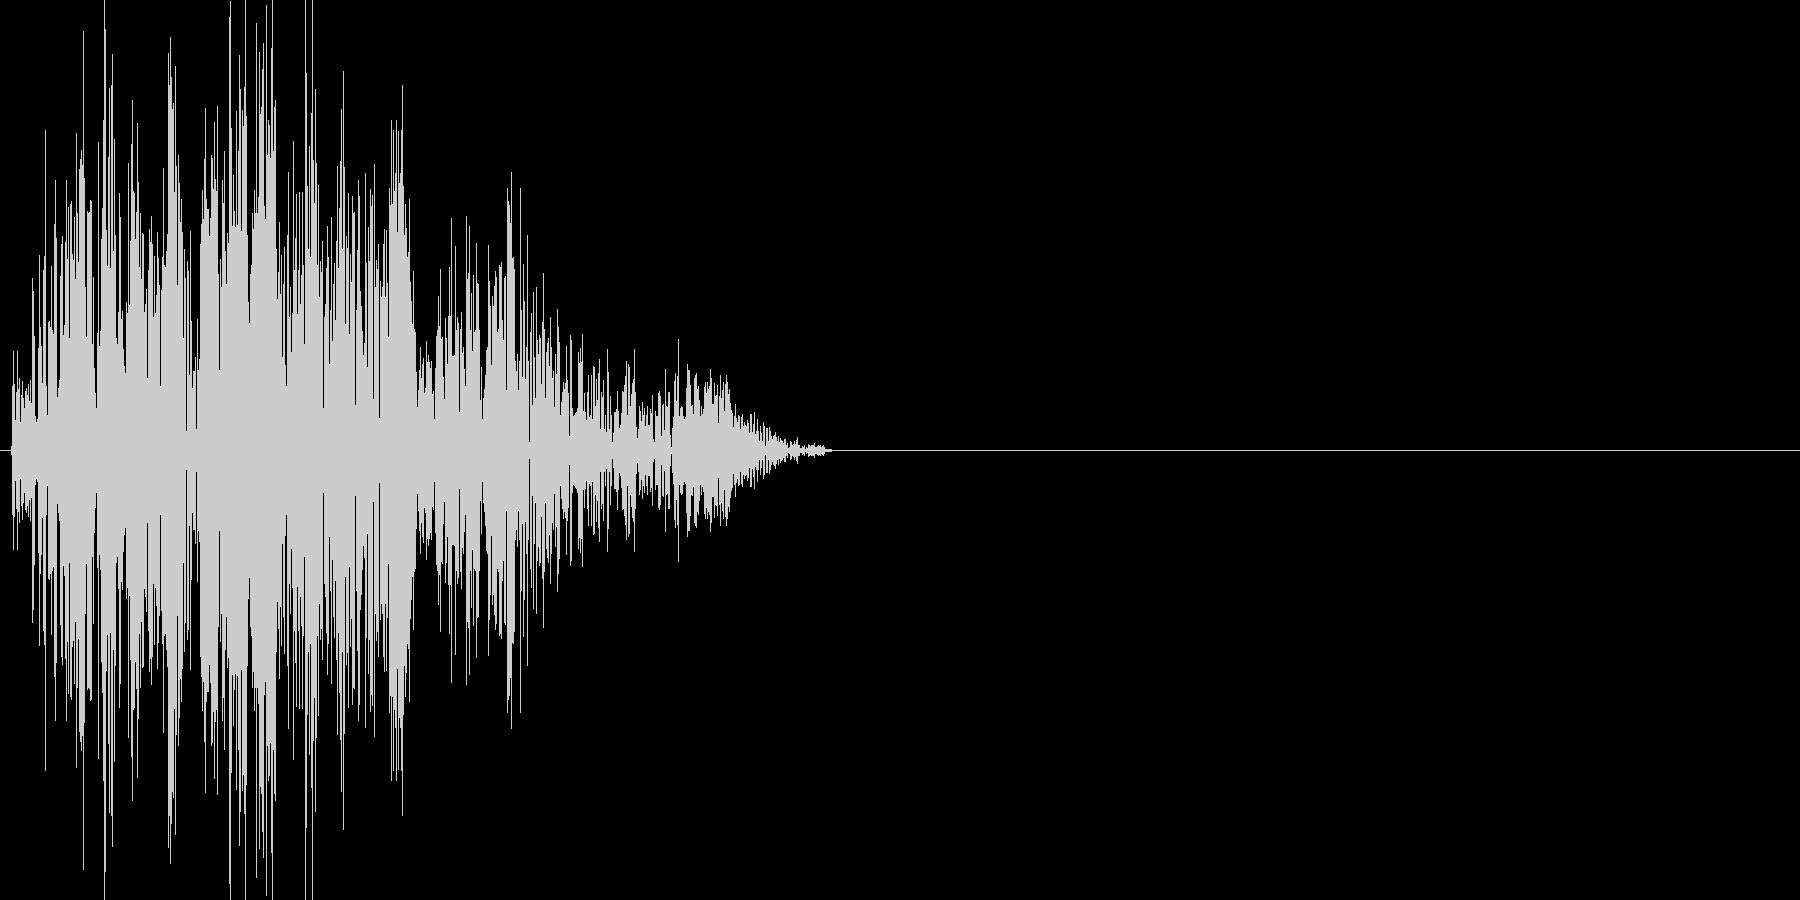 ボタン・カーソル・操作音 「チッ」の未再生の波形